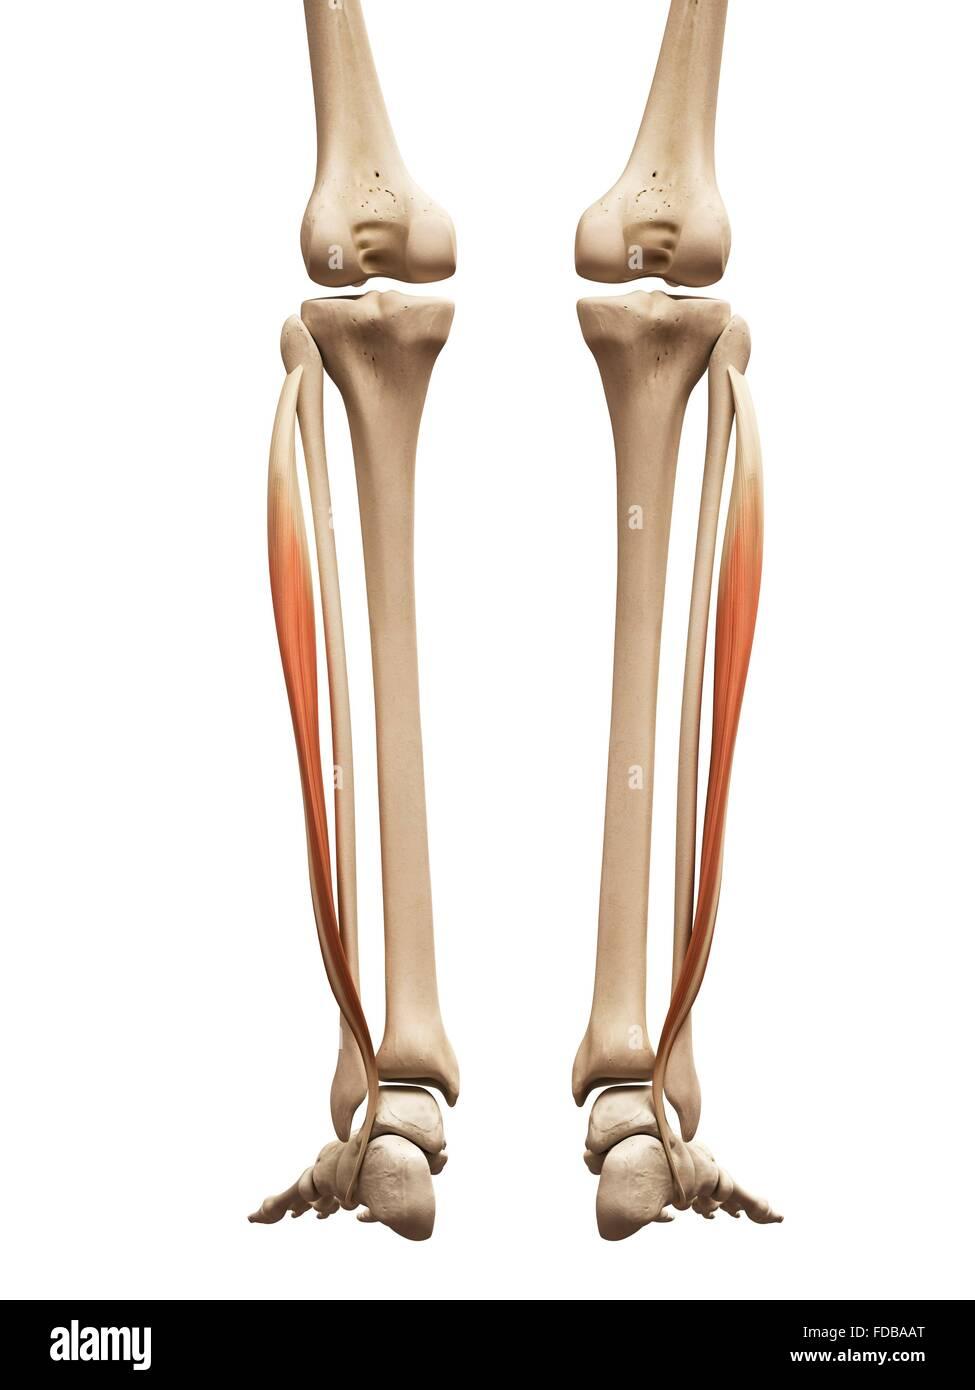 Los músculos de la pierna humana (fibularis longus), ilustración ...